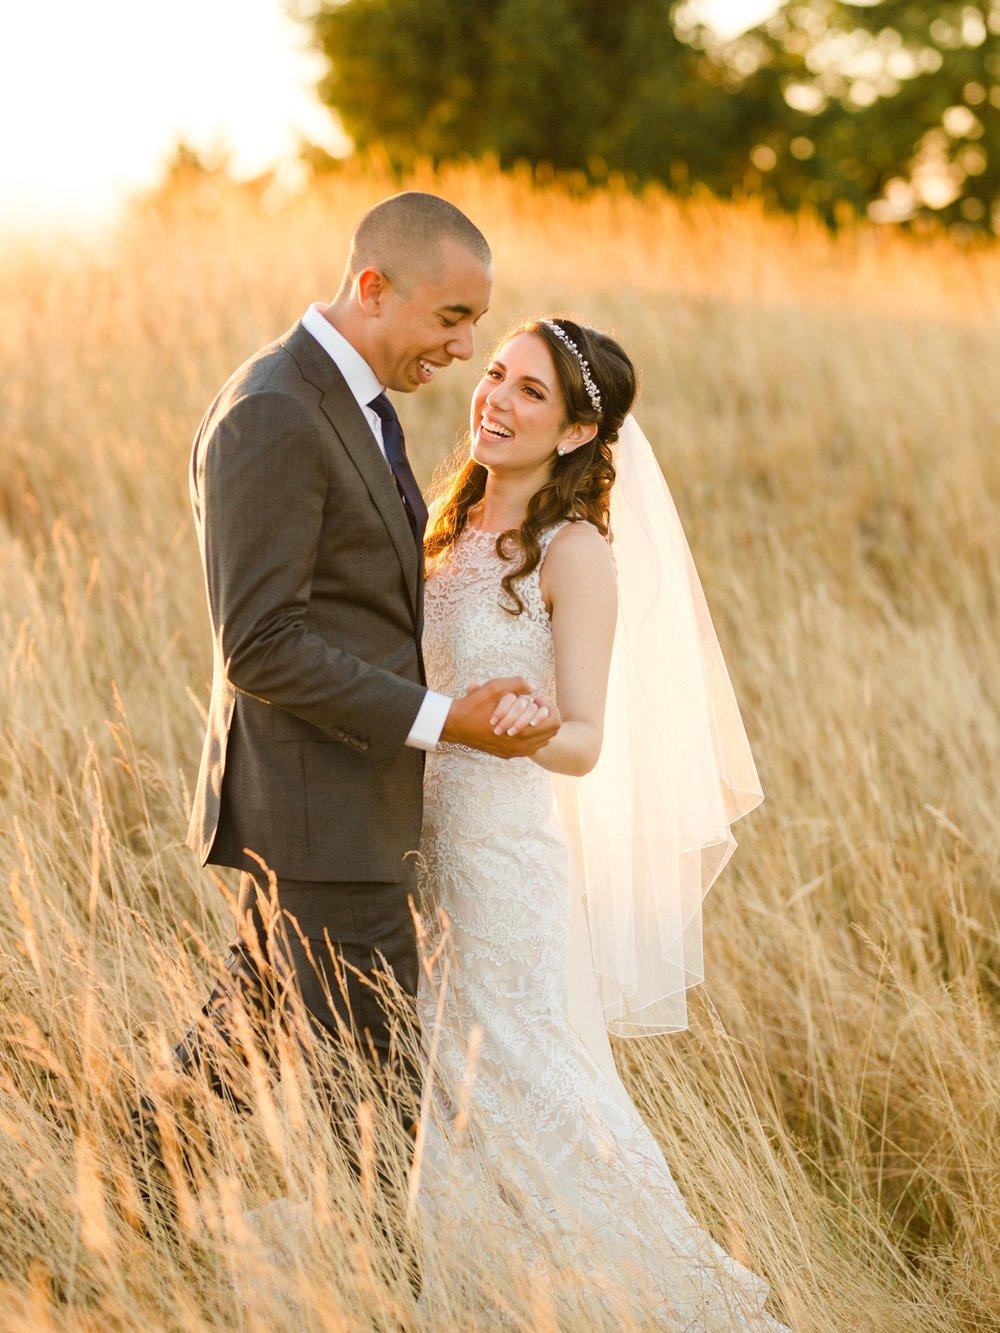 26-wedding-sunset-couple-seattle.jpg